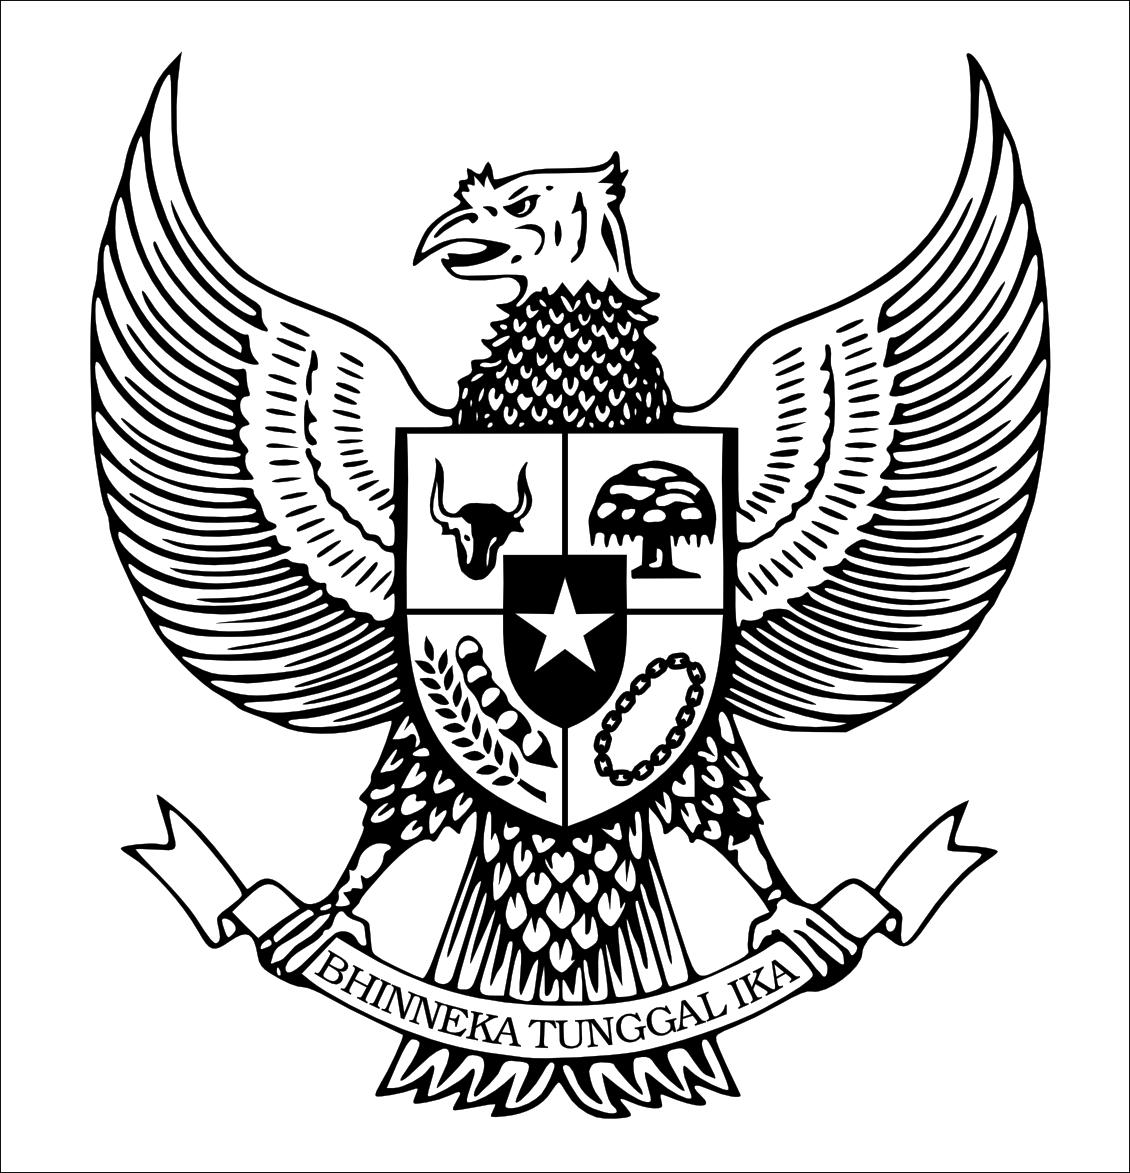 Fifth image of Gambar Burung Garuda Pancasila Untuk Mewarnai with Logo Indonesia dan Dunia: December 2014